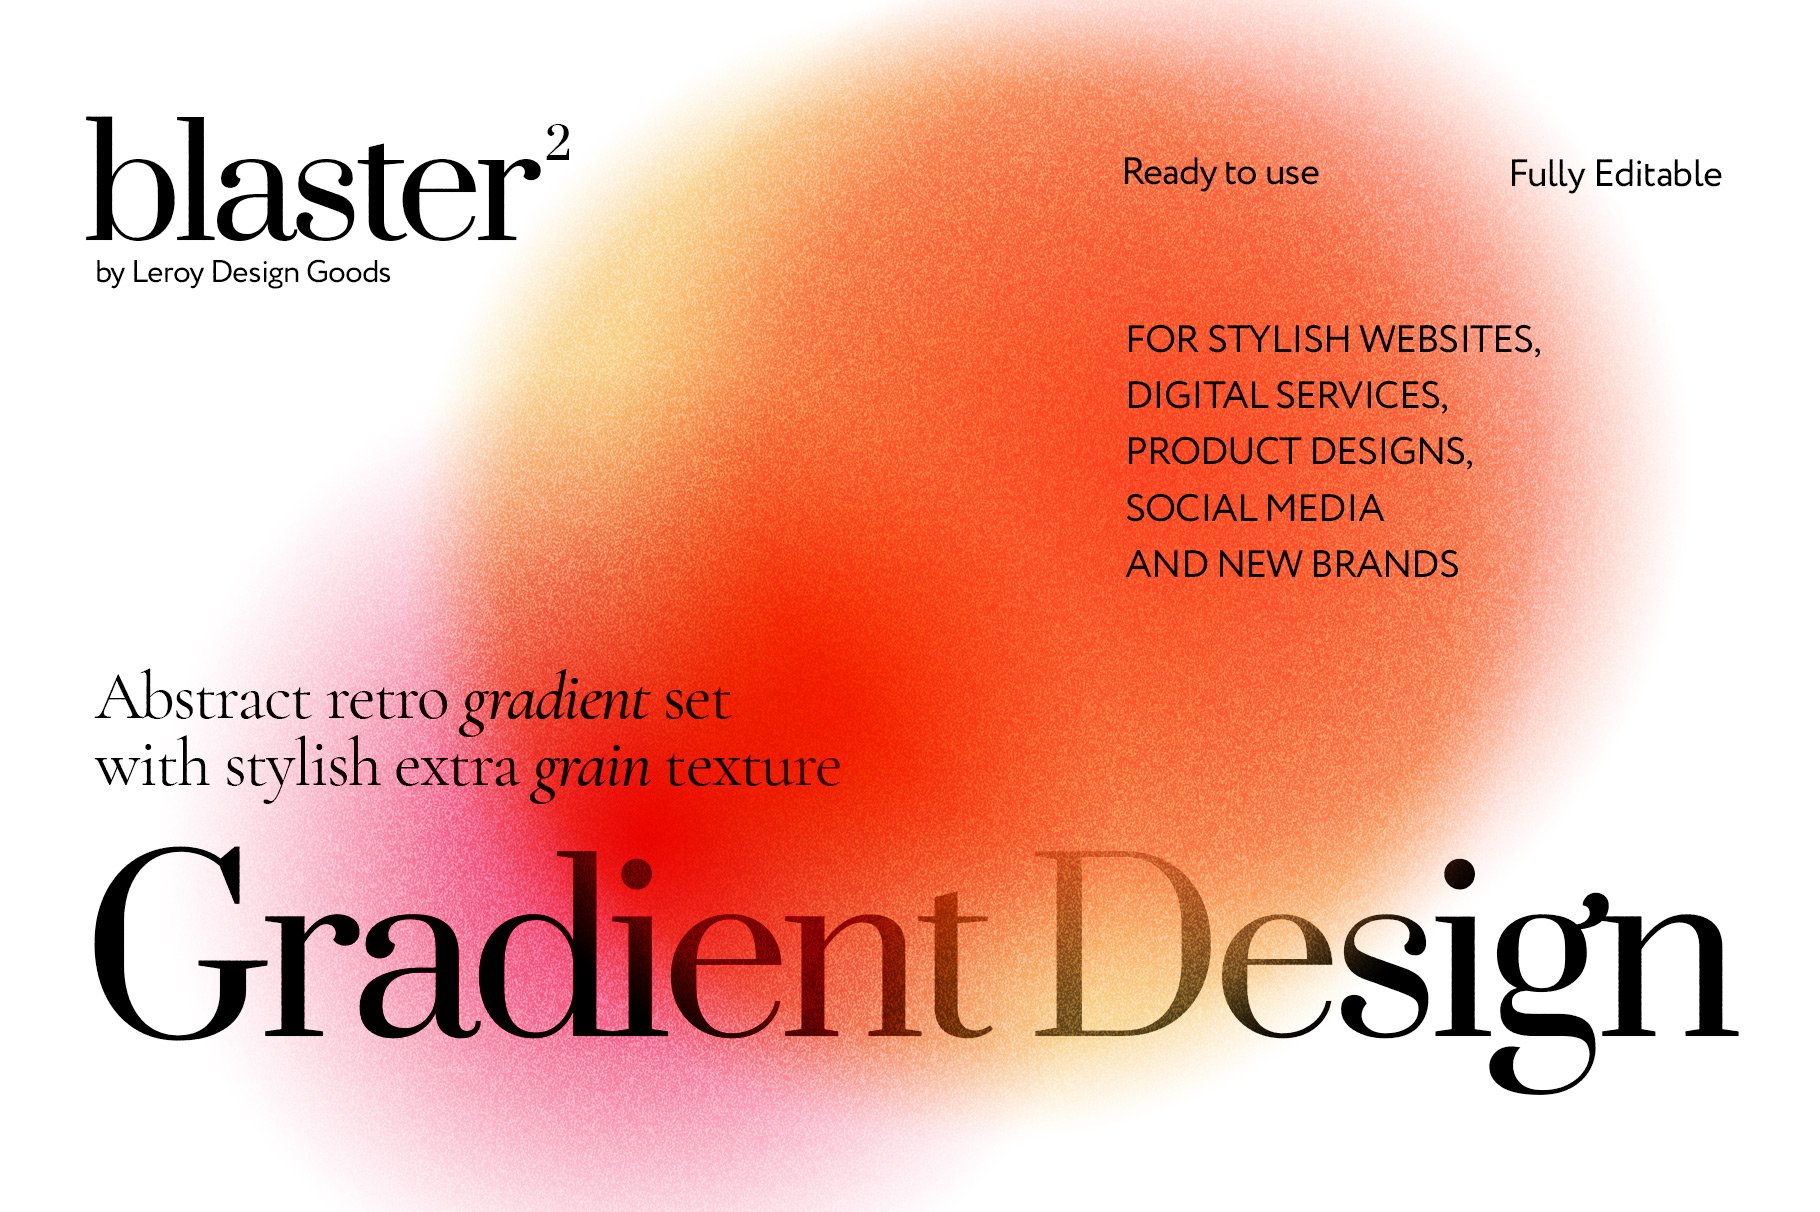 [淘宝购买] 12款炫彩复古模糊渐变海报背景底纹PS分层素材源文件 BLASTER Retro Gradient Textures插图(1)